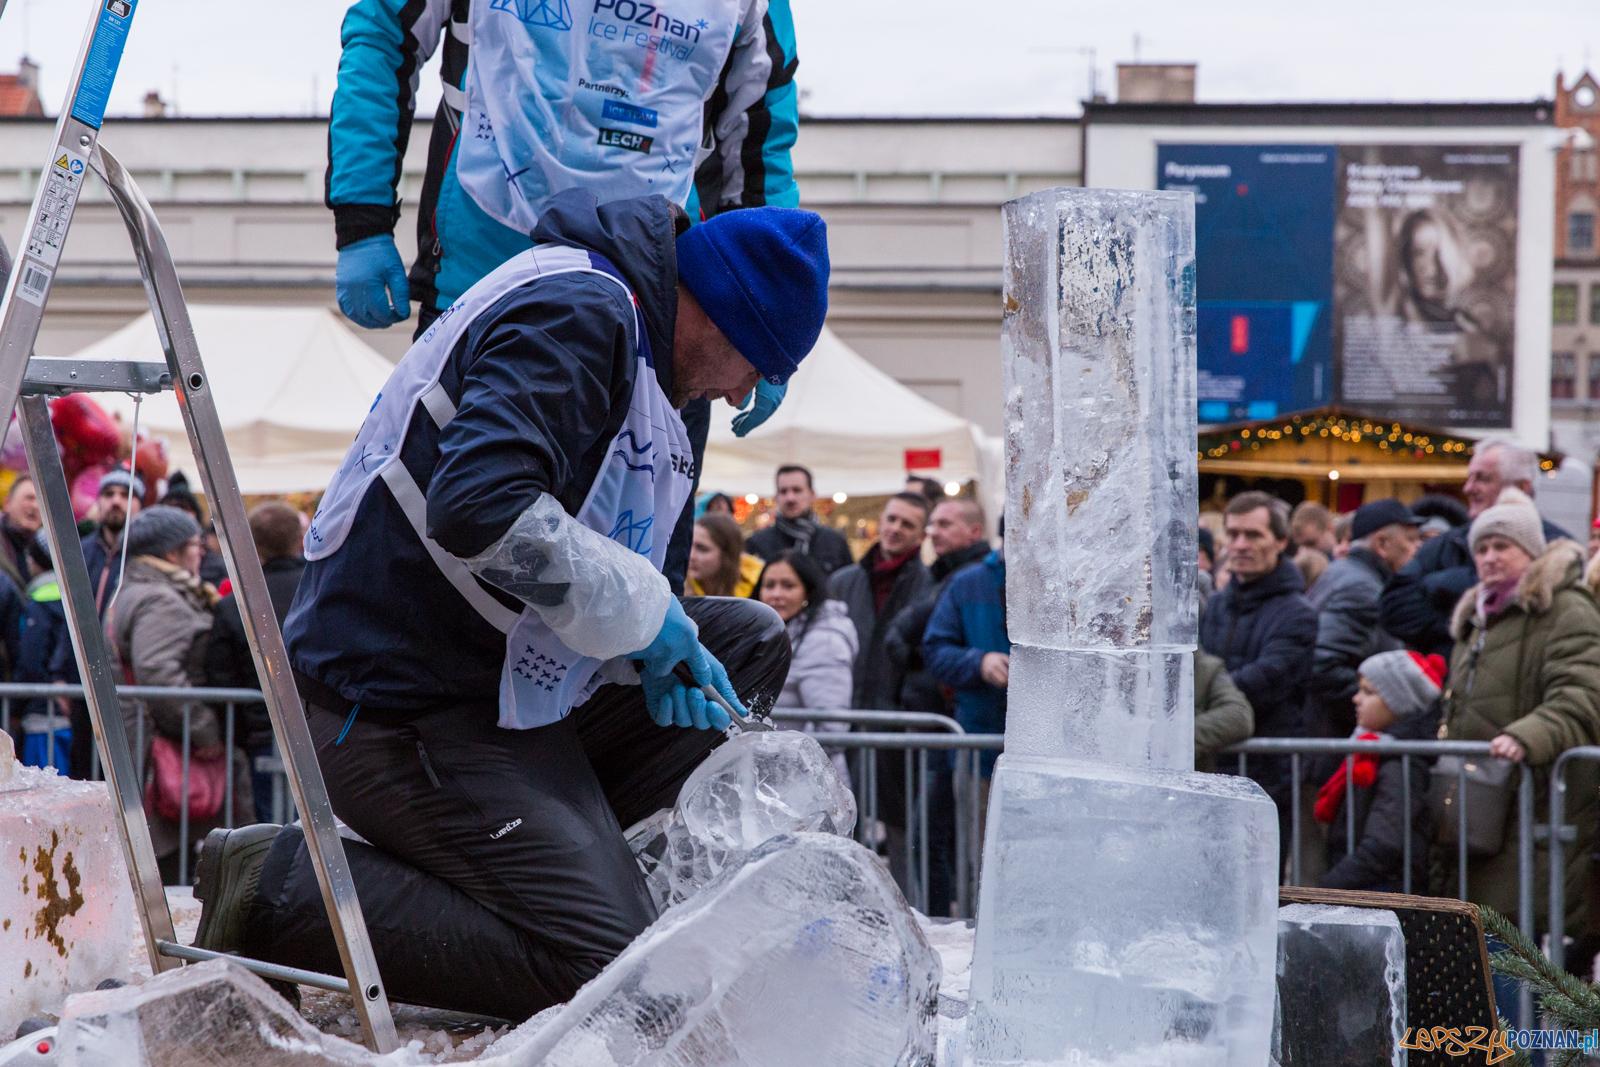 Poznań Ice Festival 2019 - Poznań 8.12.2019 r.  Foto: LepszyPOZNAN.pl / Paweł Rychter